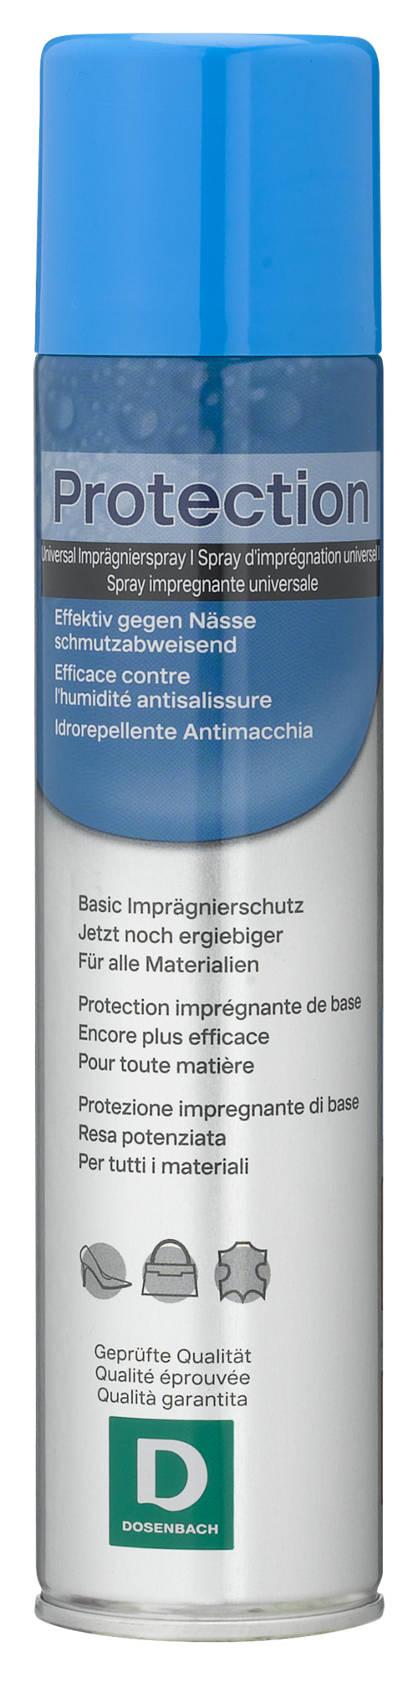 Dosenbach Dosenbach Protection Spray universale